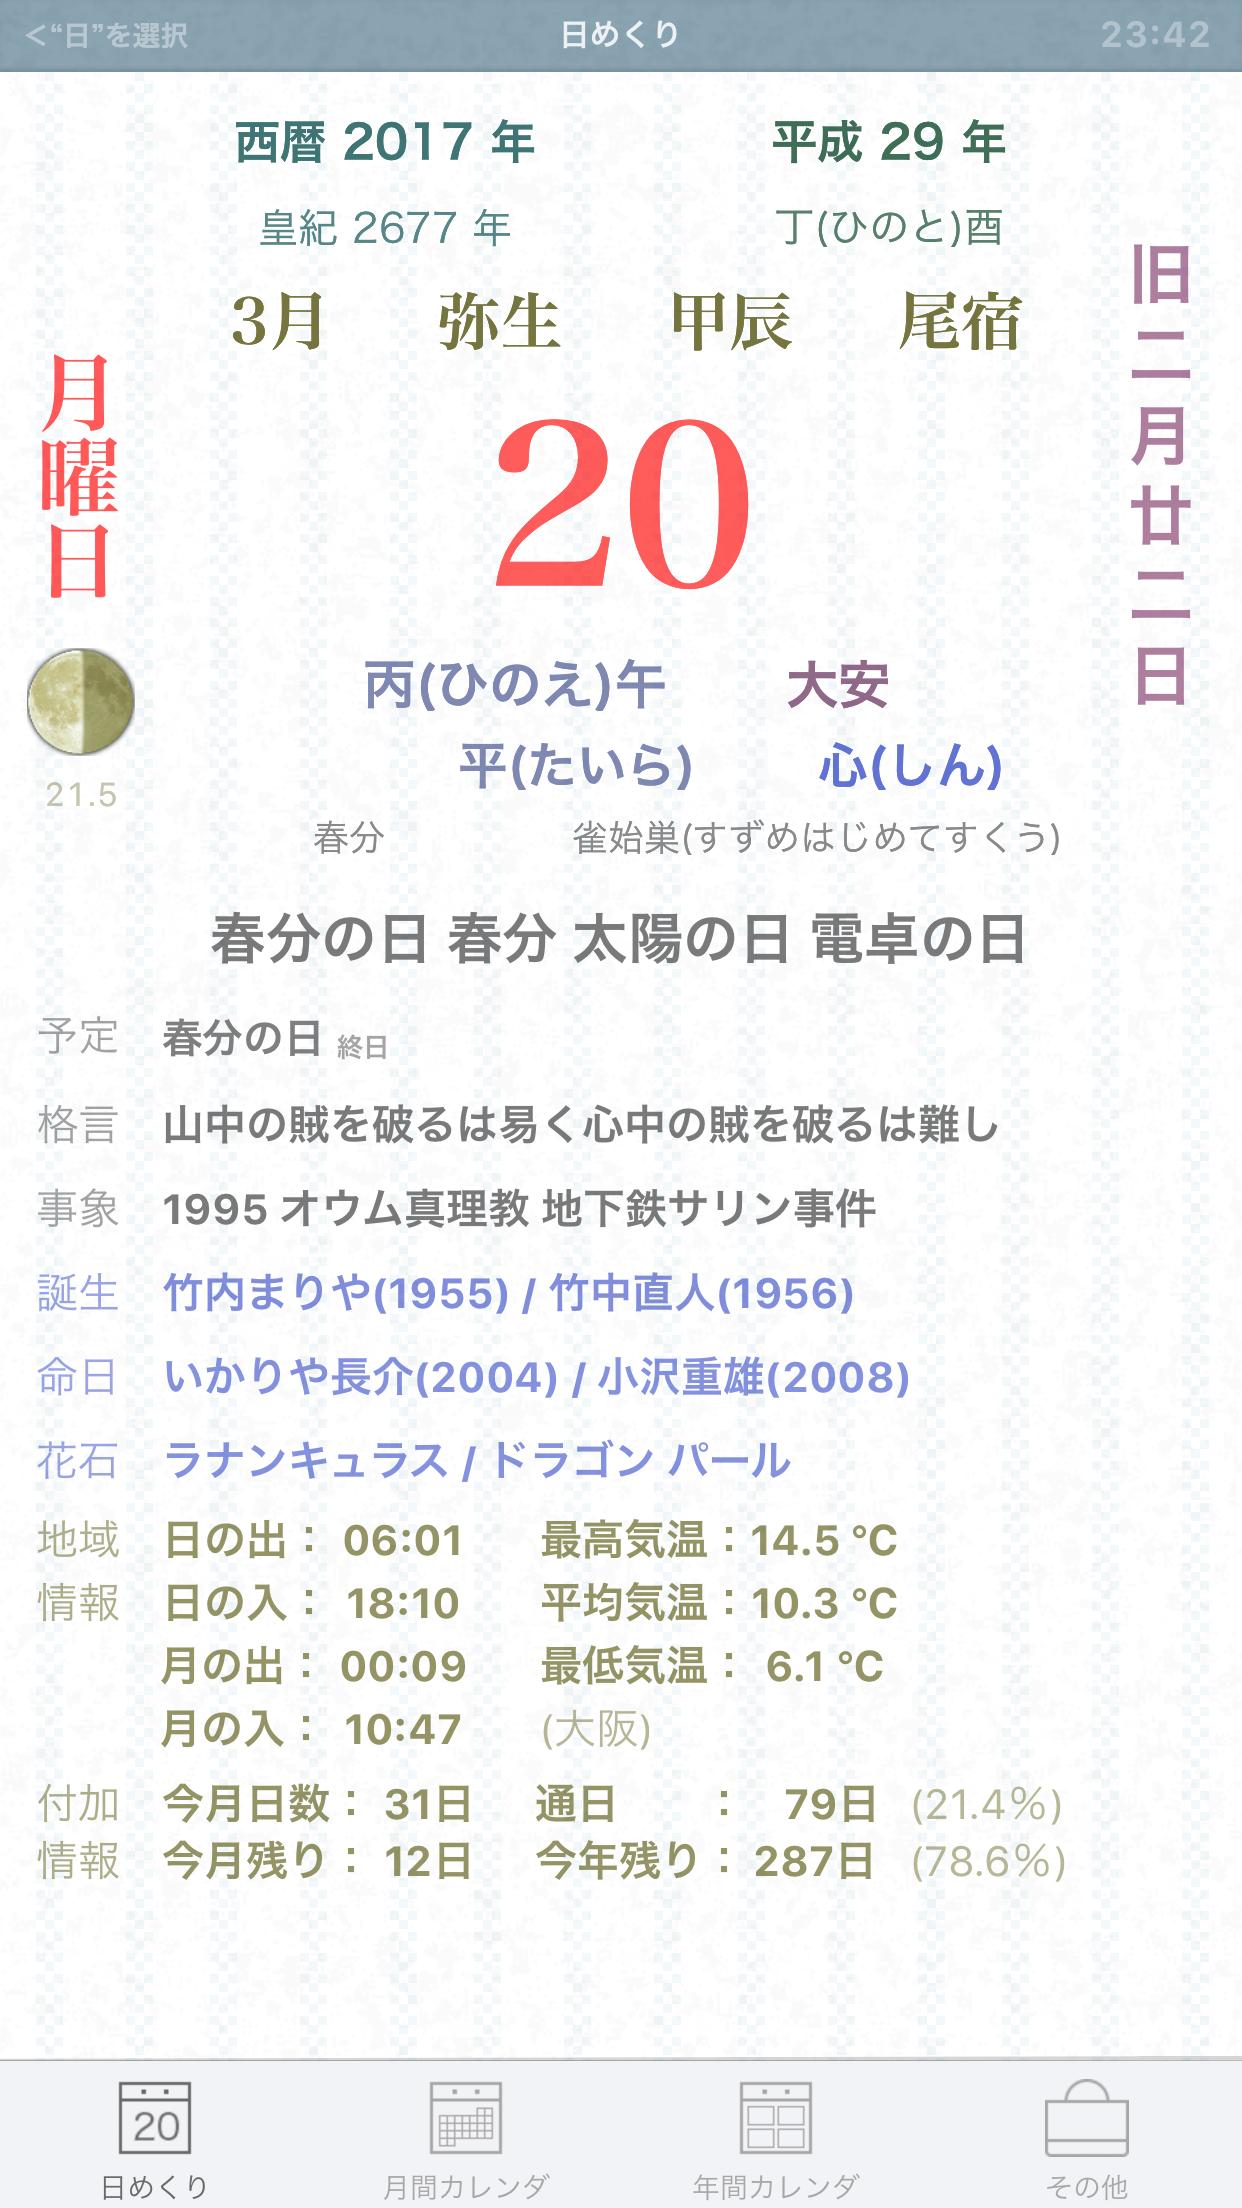 f:id:yaneshin:20170320234258p:plain